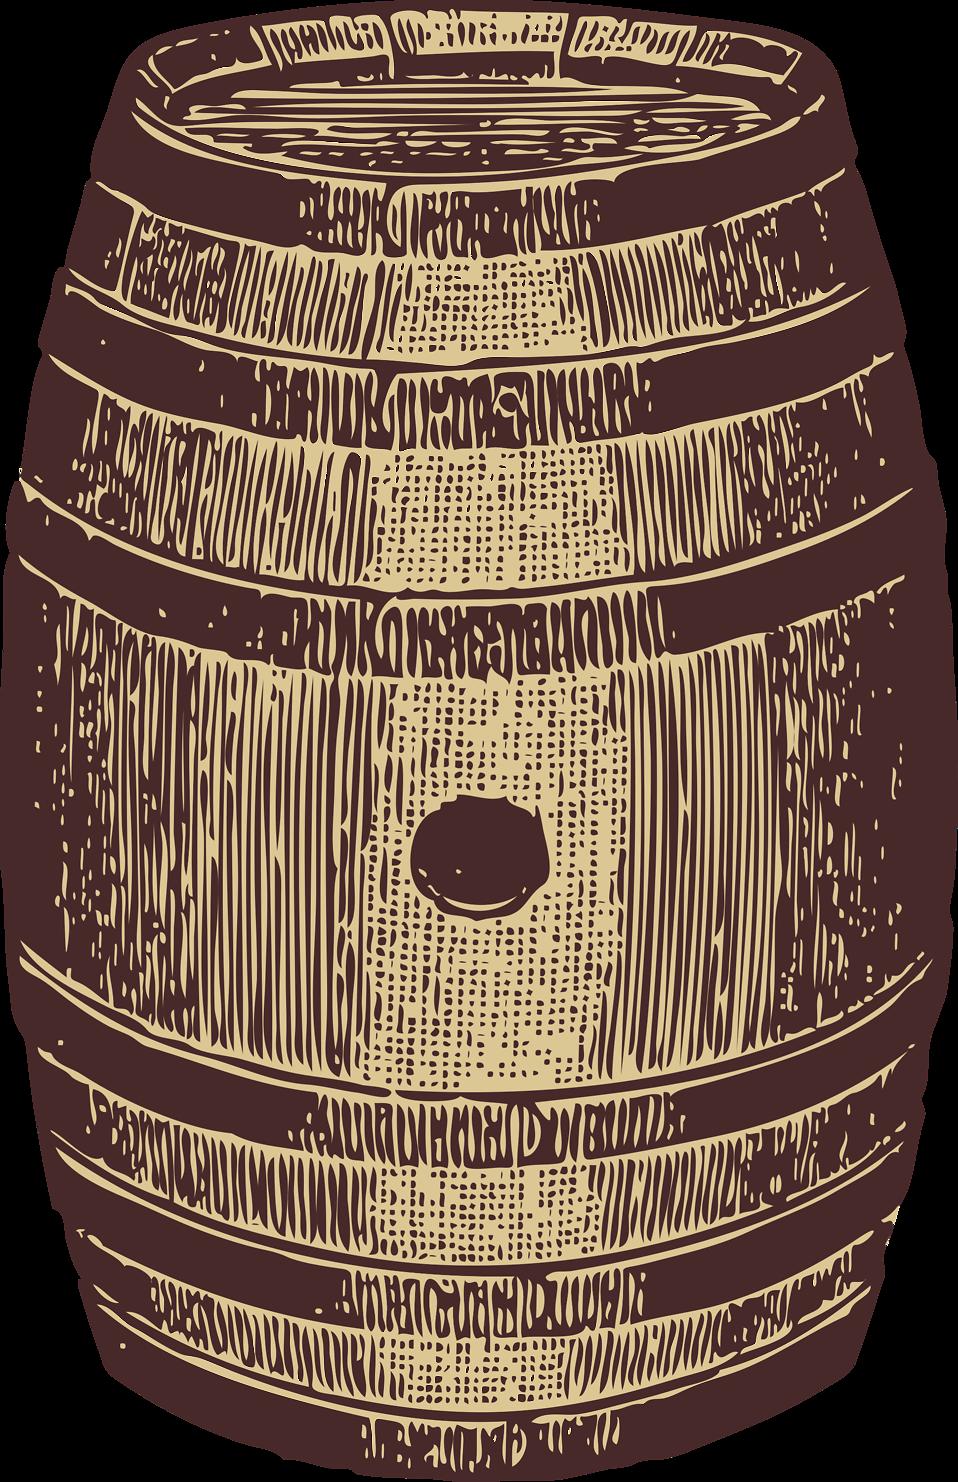 Barrel of money clipart vector transparent download Magic Barrel is Back! - The Corvallis Advocate vector transparent download